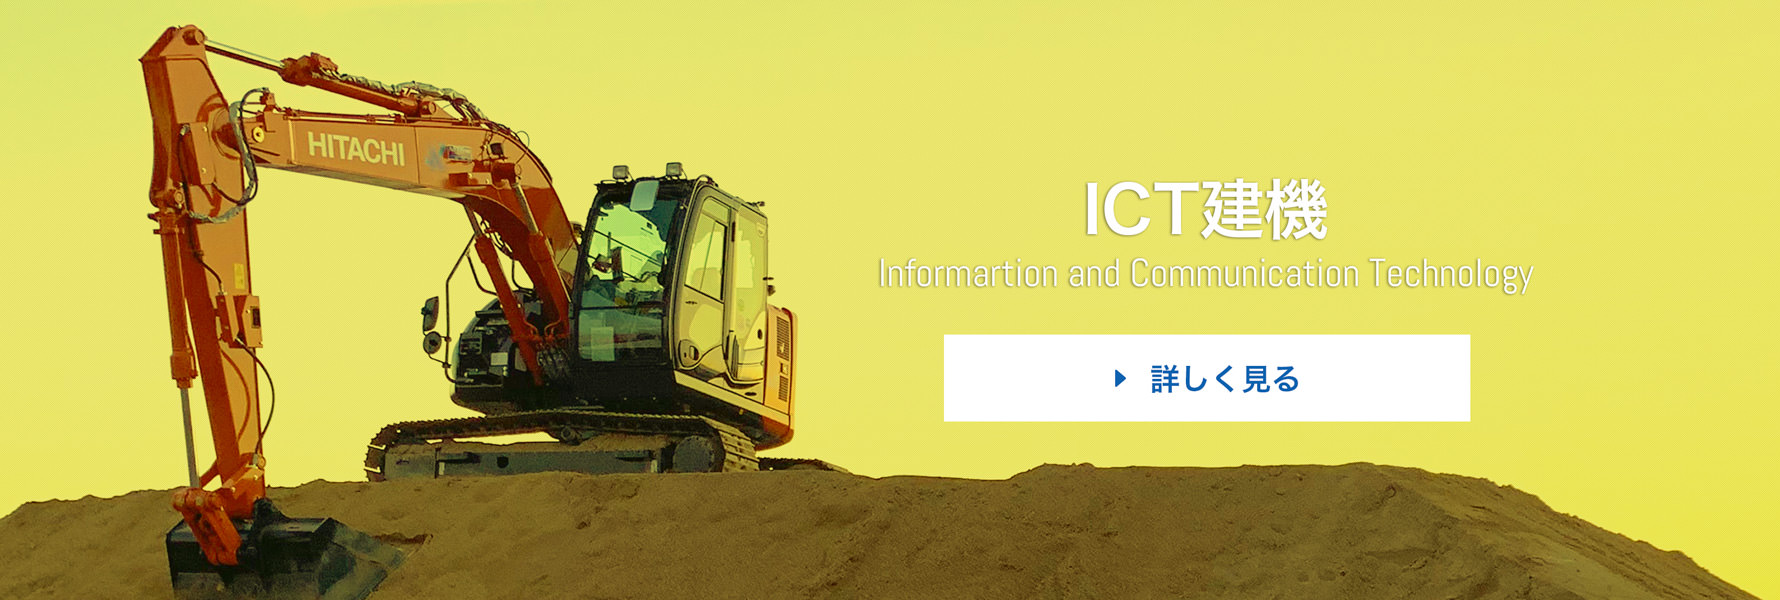 ICT建機